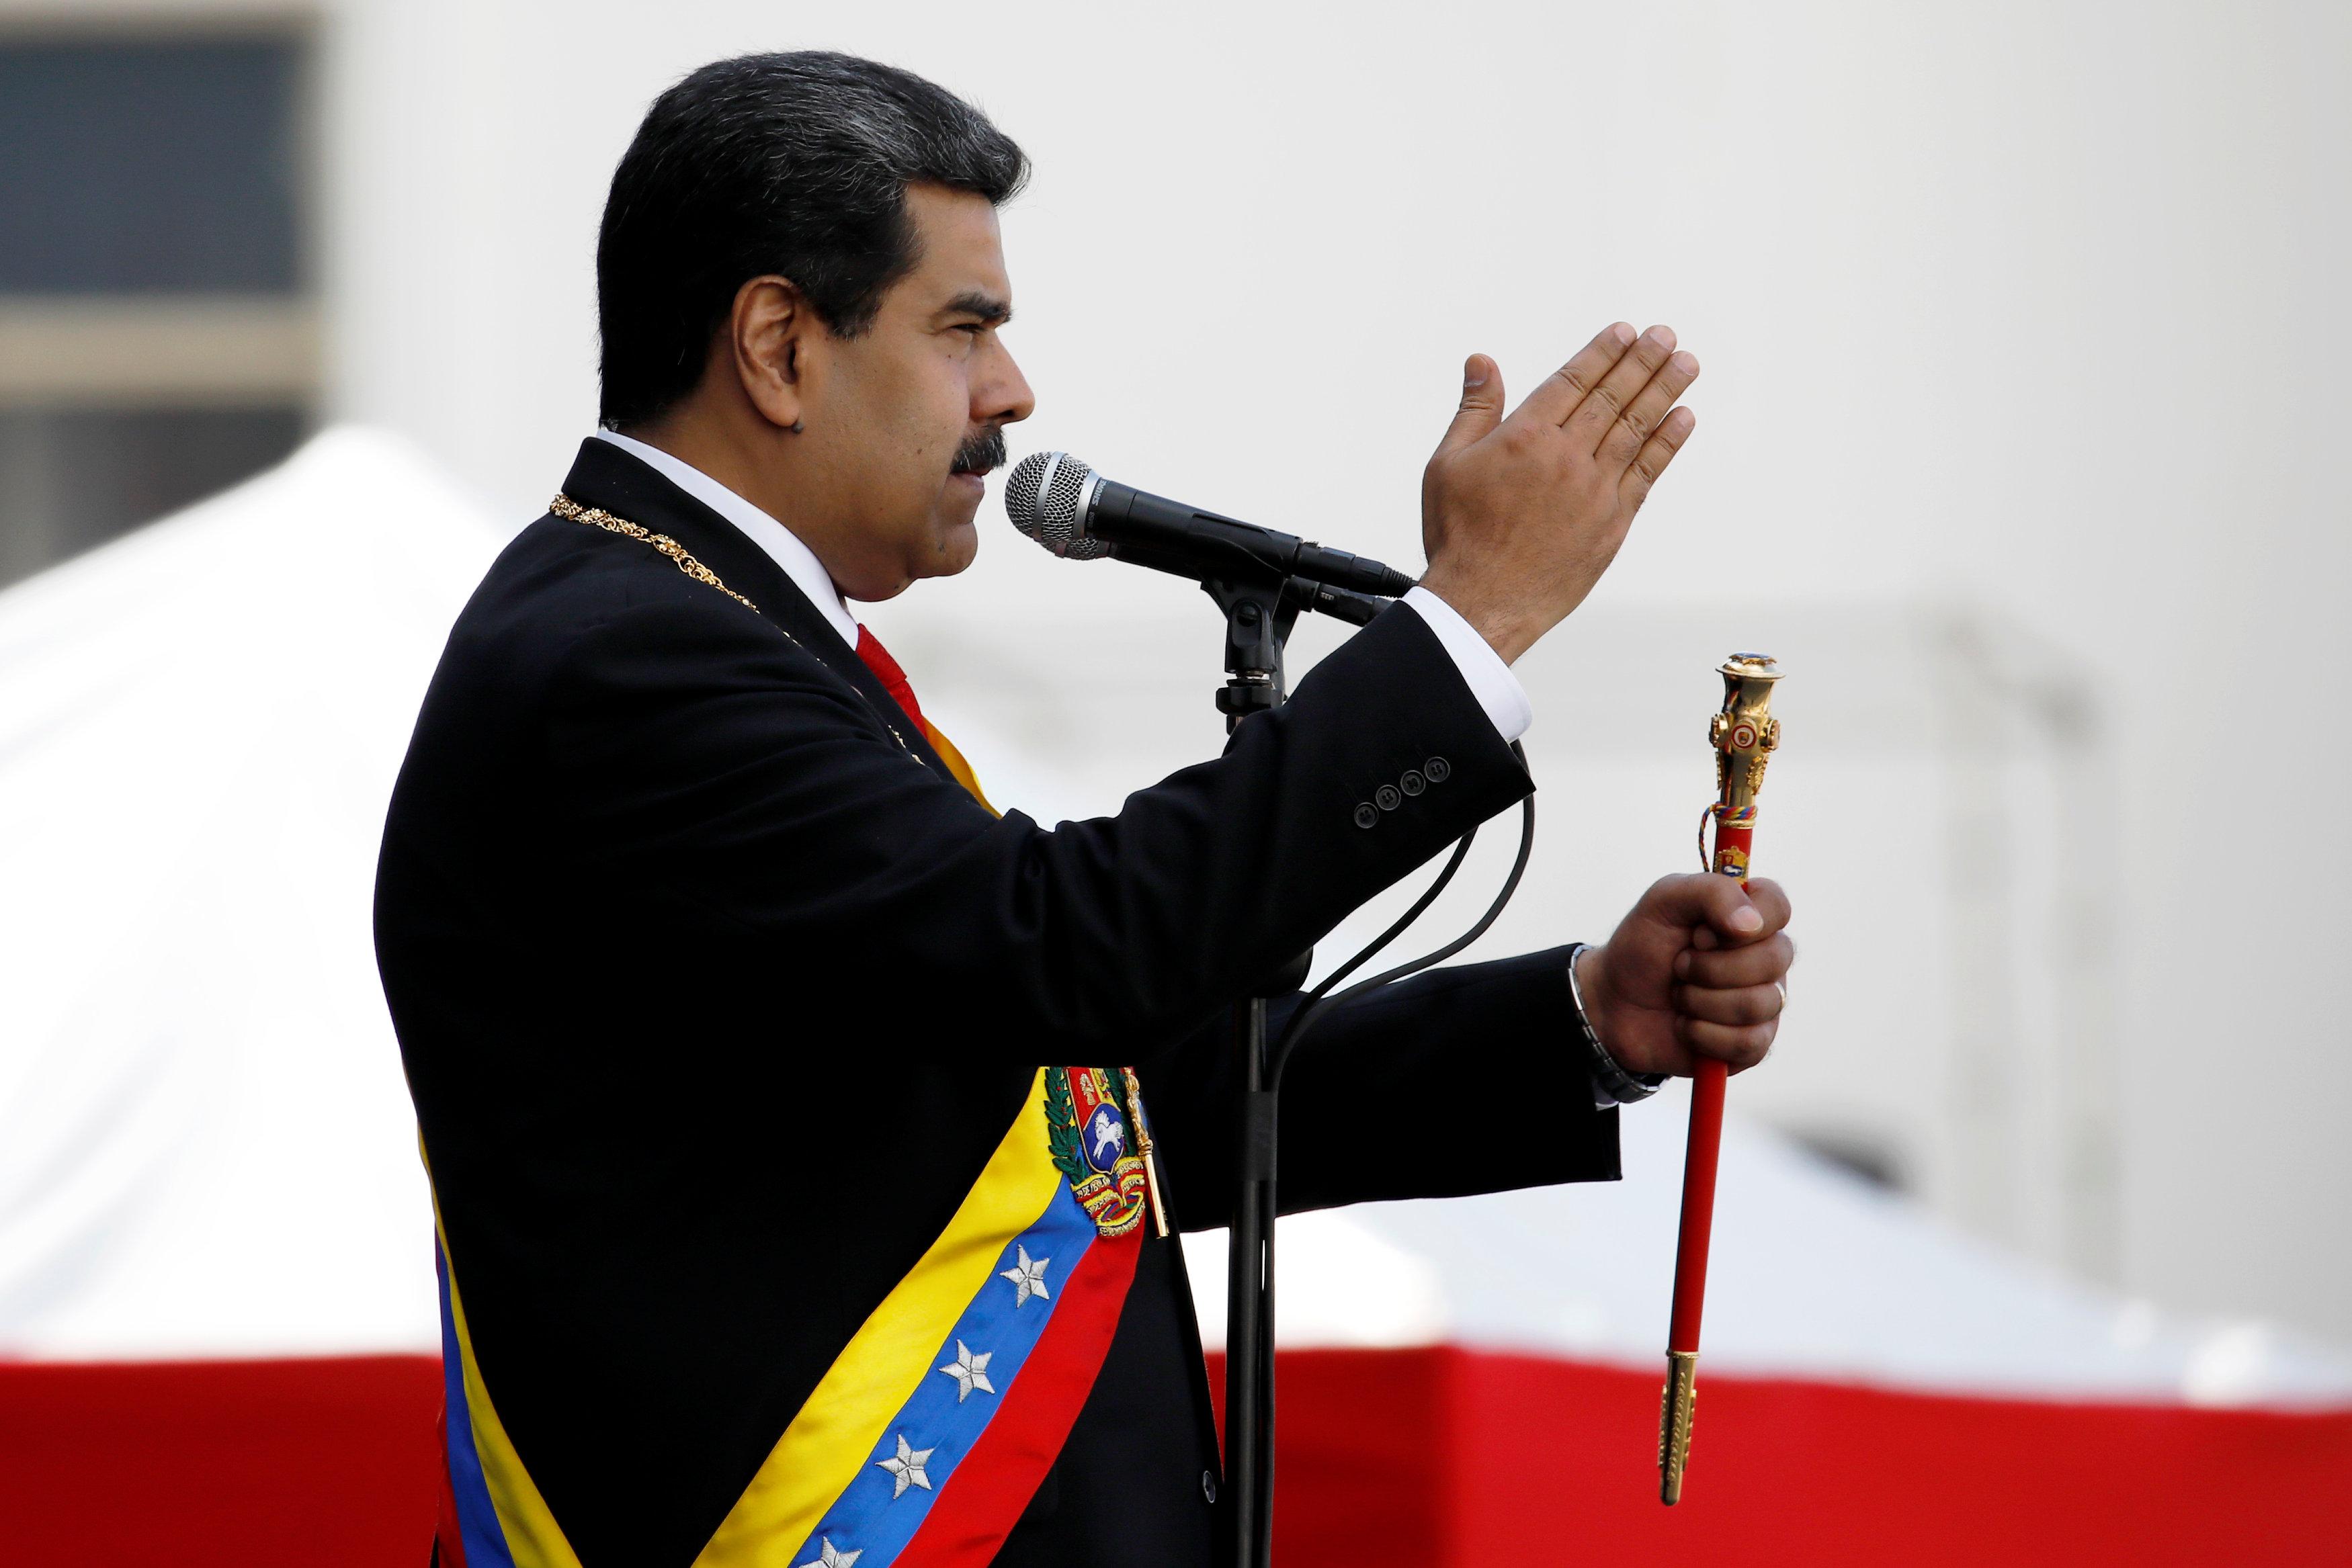 2019-01-10T221304Z_301480706_RC16232F13B0_RTRMADP_3_VENEZUELA-POLITICS